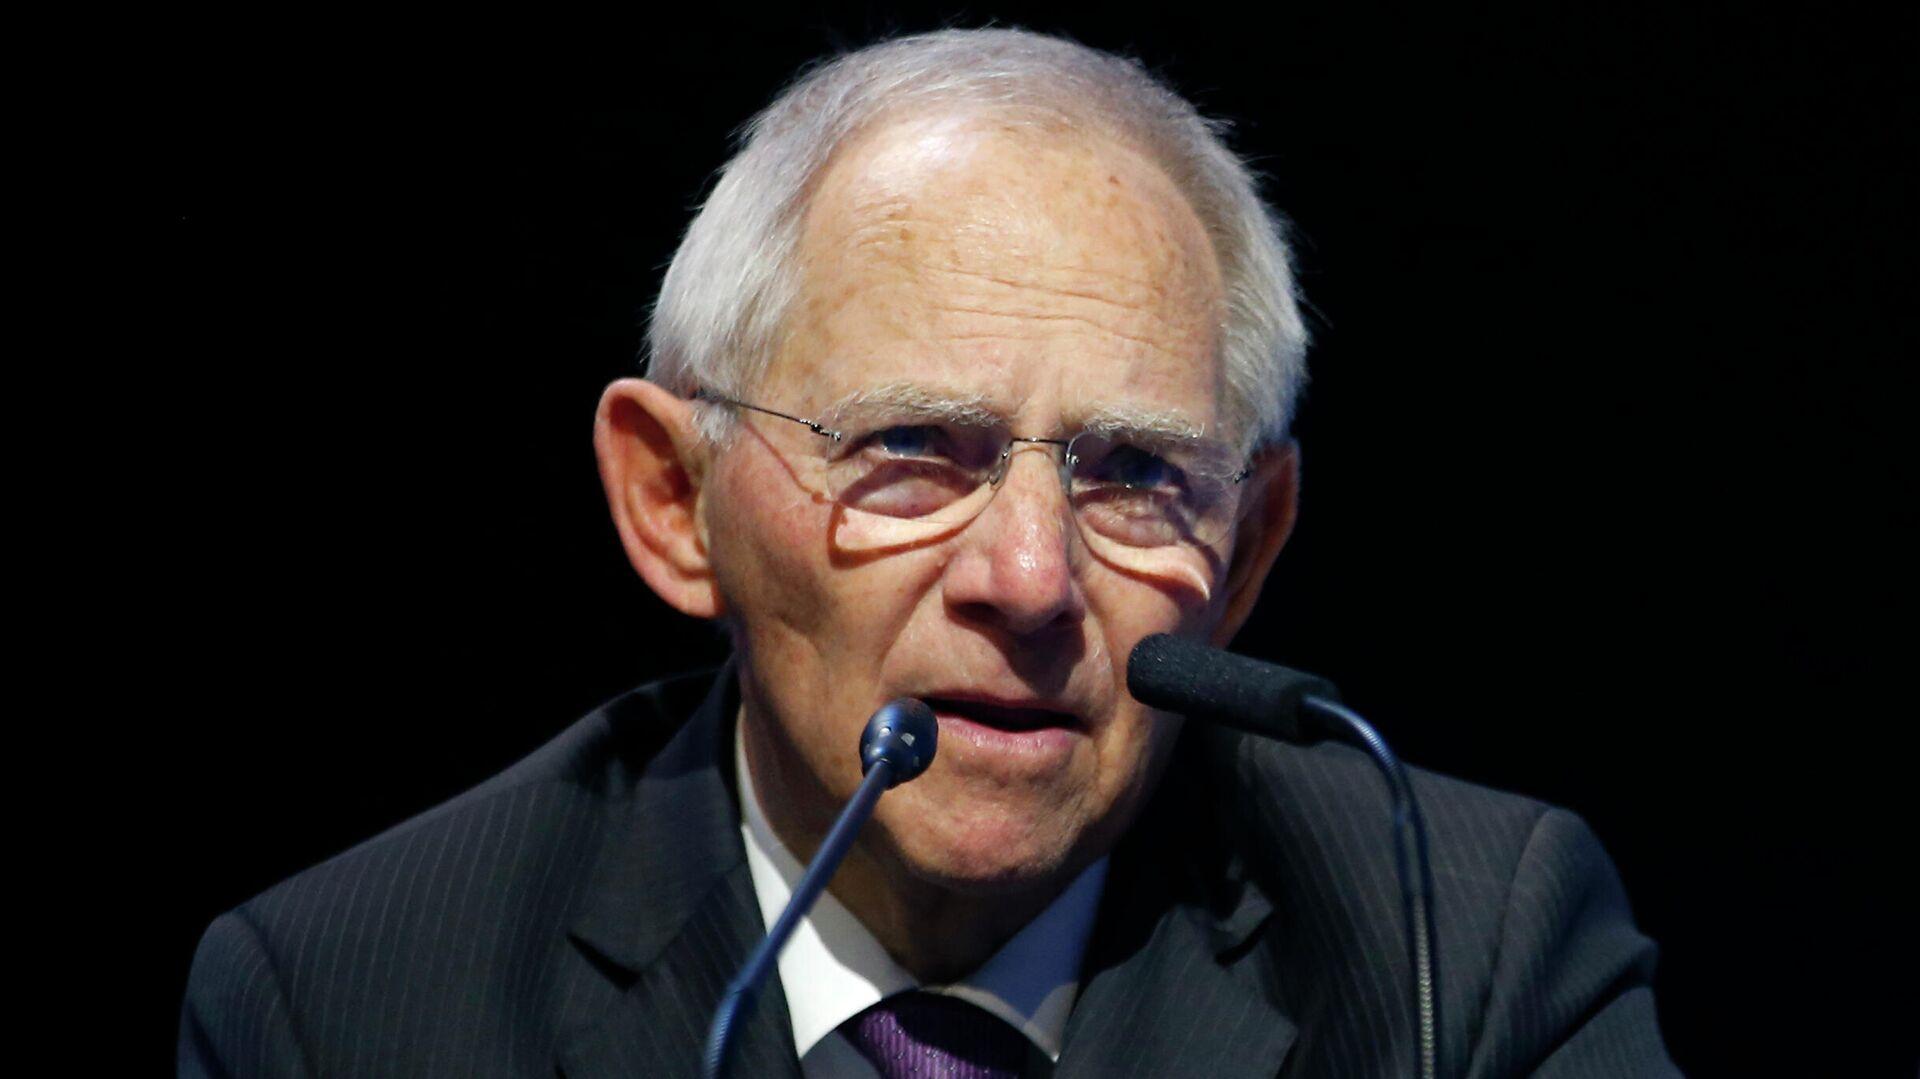 Der Präsident des Deutschen Bundestages, Wolfgang Schäuble.  - SNA, 1920, 10.07.2021